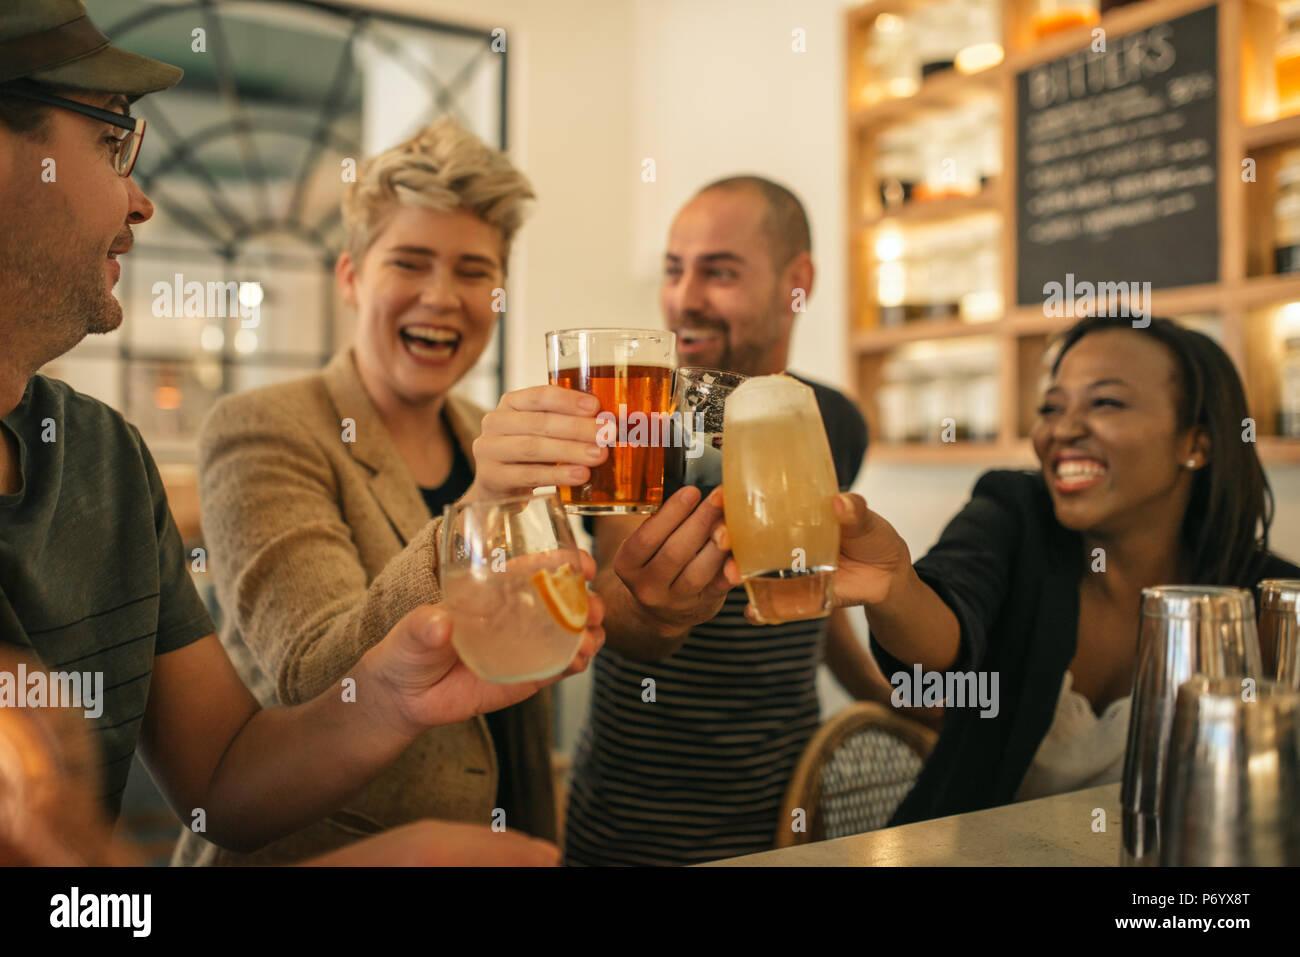 Sus amigos juntos en un bar animando con bebidas Imagen De Stock